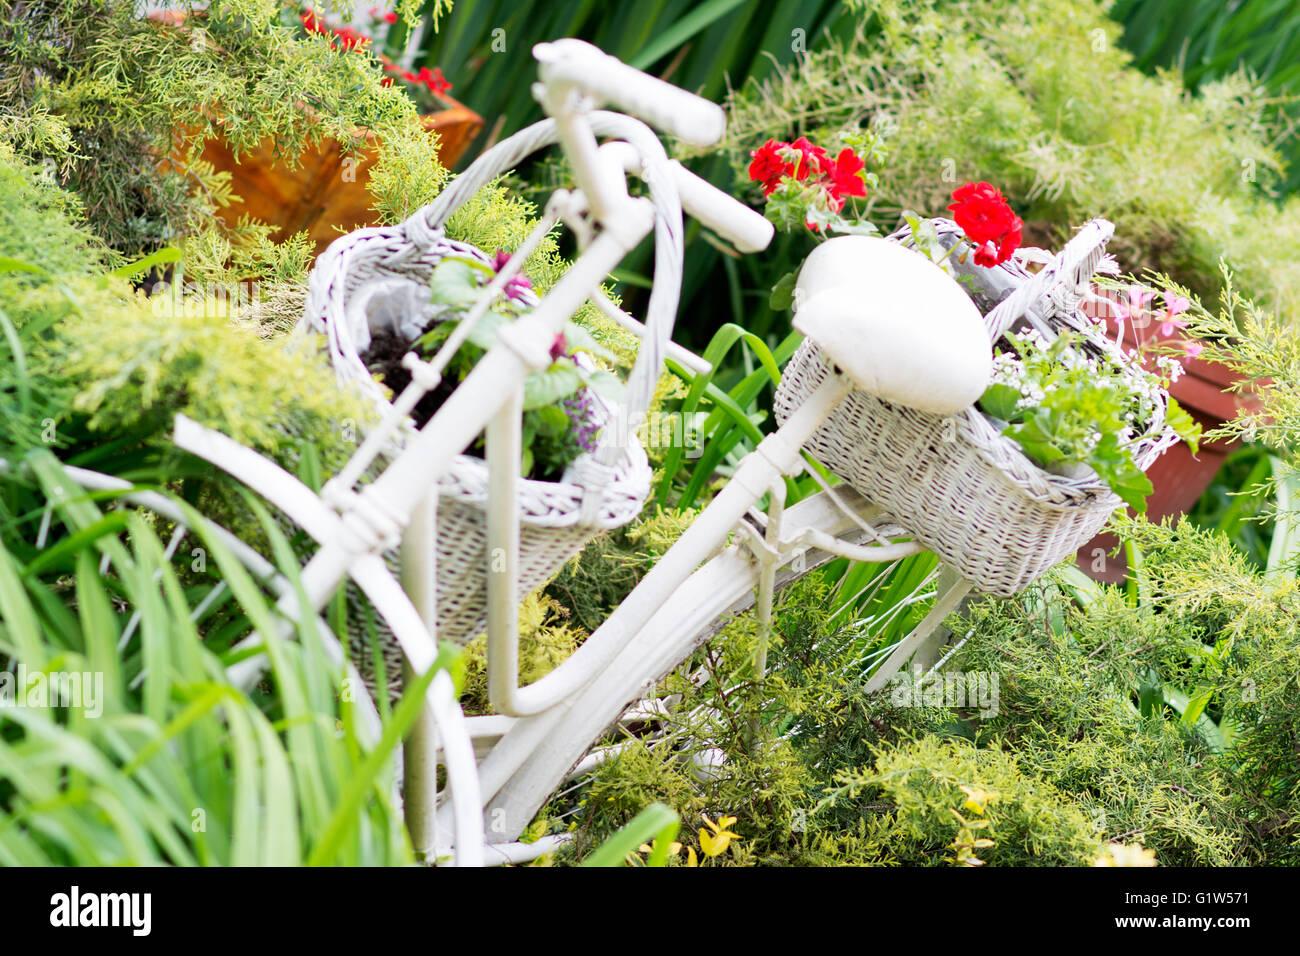 Interessante Ideen für die Gartenarbeit mit Industriepaletten indem ...